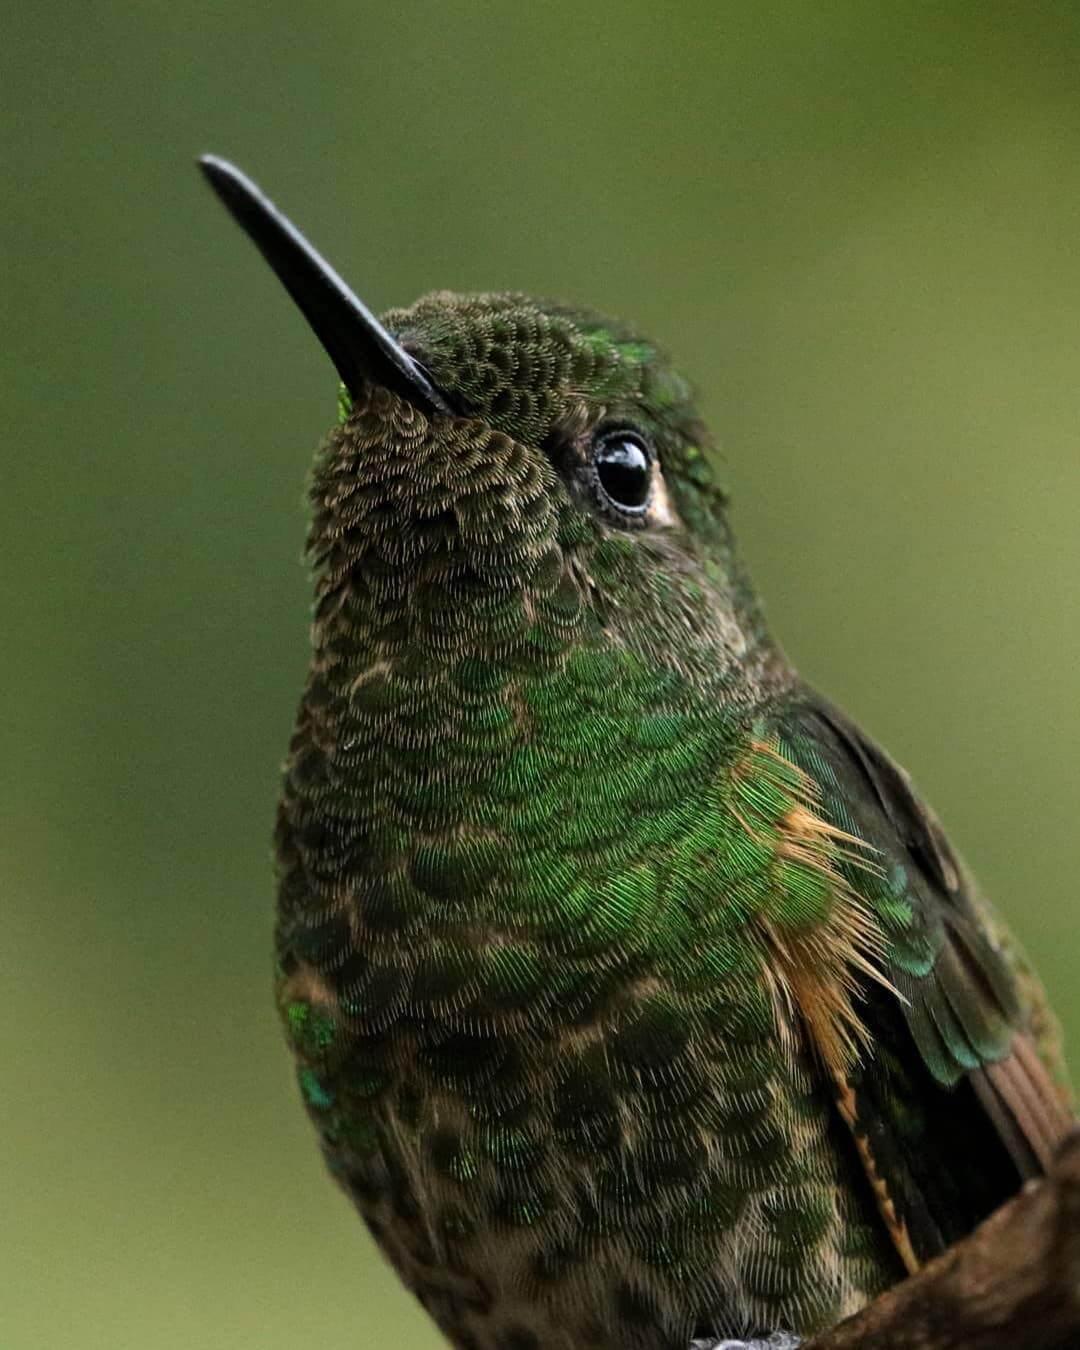 Avistamiento de aves en Salento